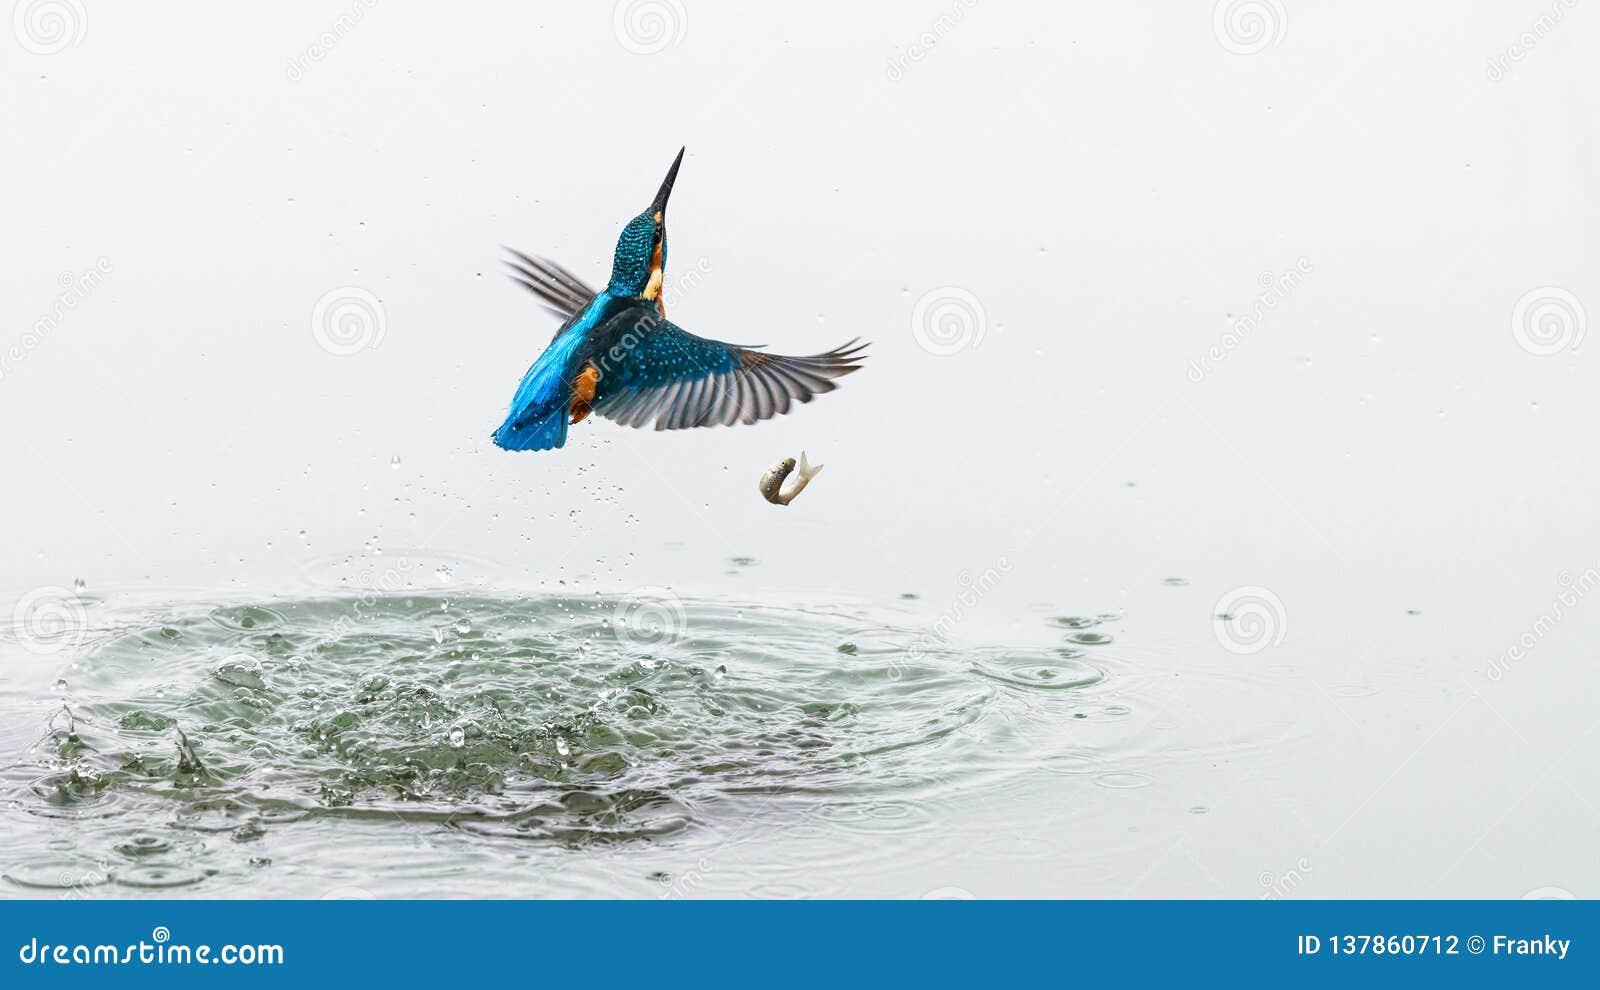 Akcji fotografia zimorodek nadchodzący za wodzie od po pomyślnego połowu ale ryba, spadaliśmy z kingfisher's